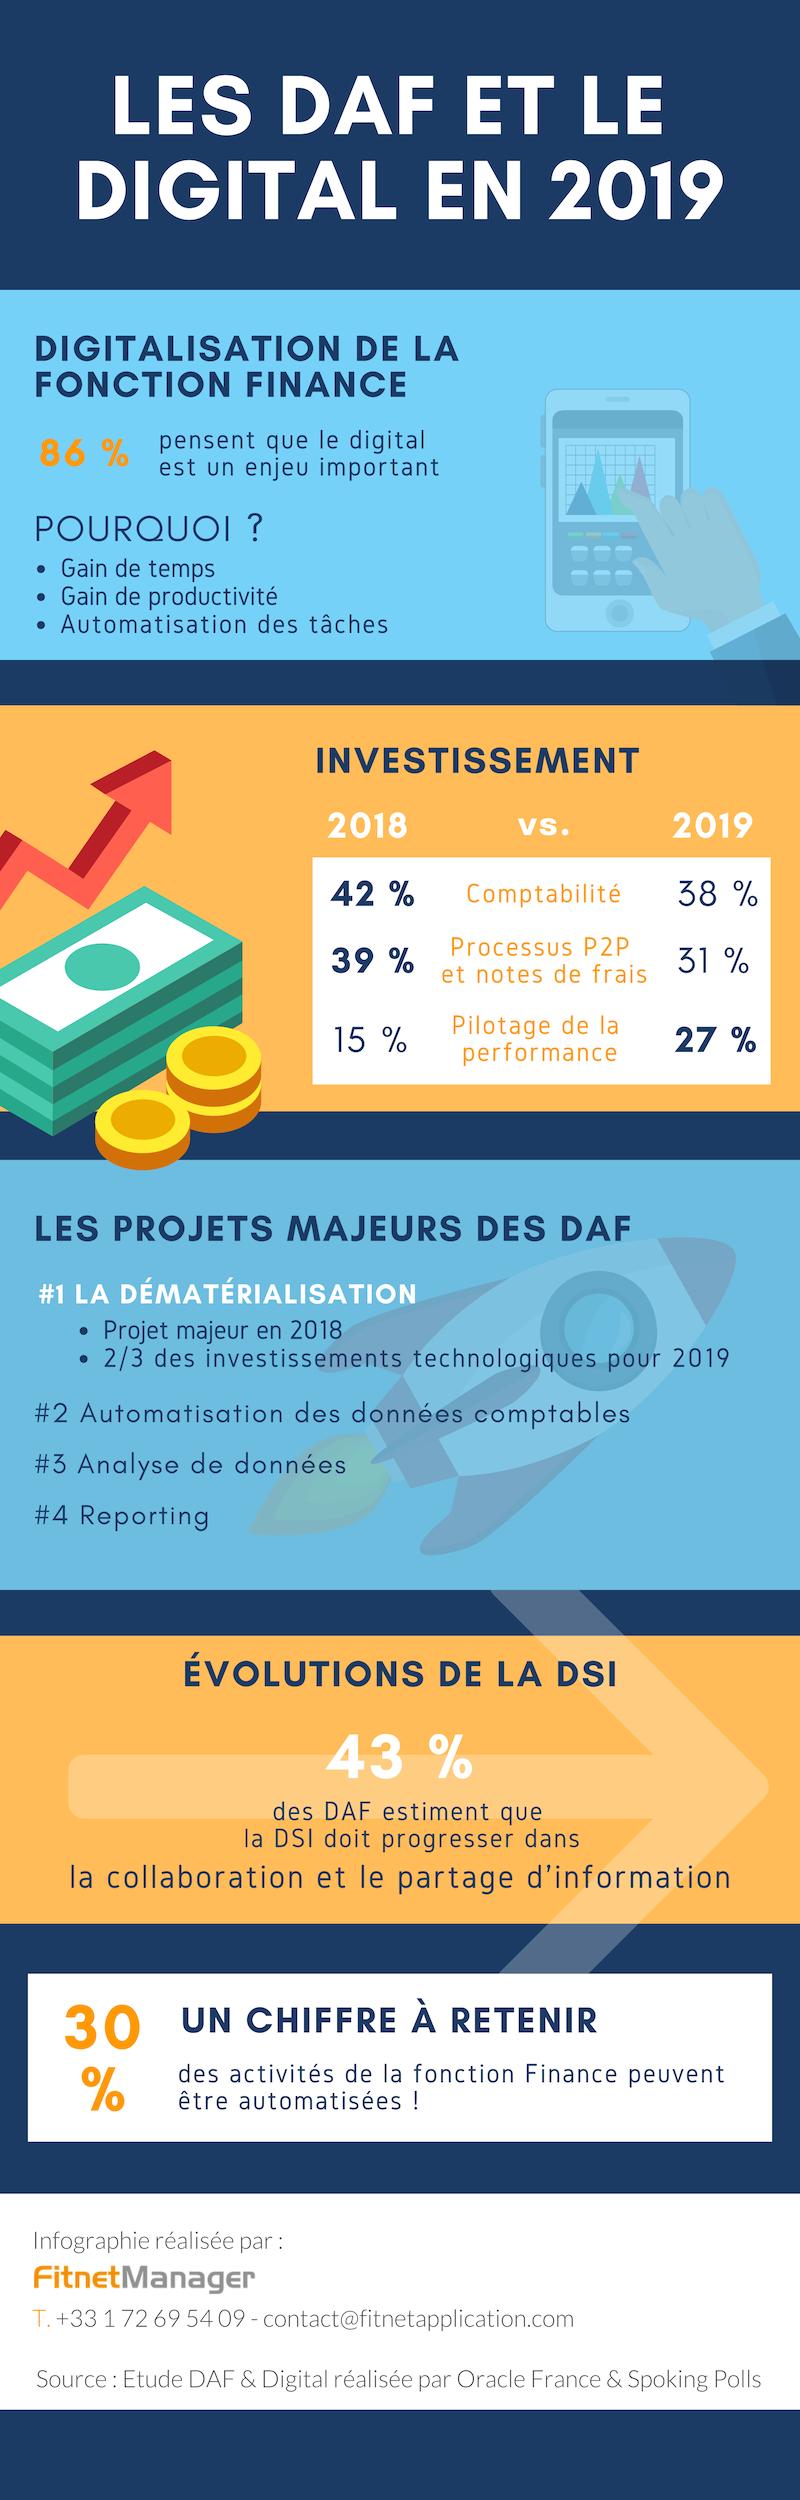 Fitnet Manager Infographie DAF et Digital 2019